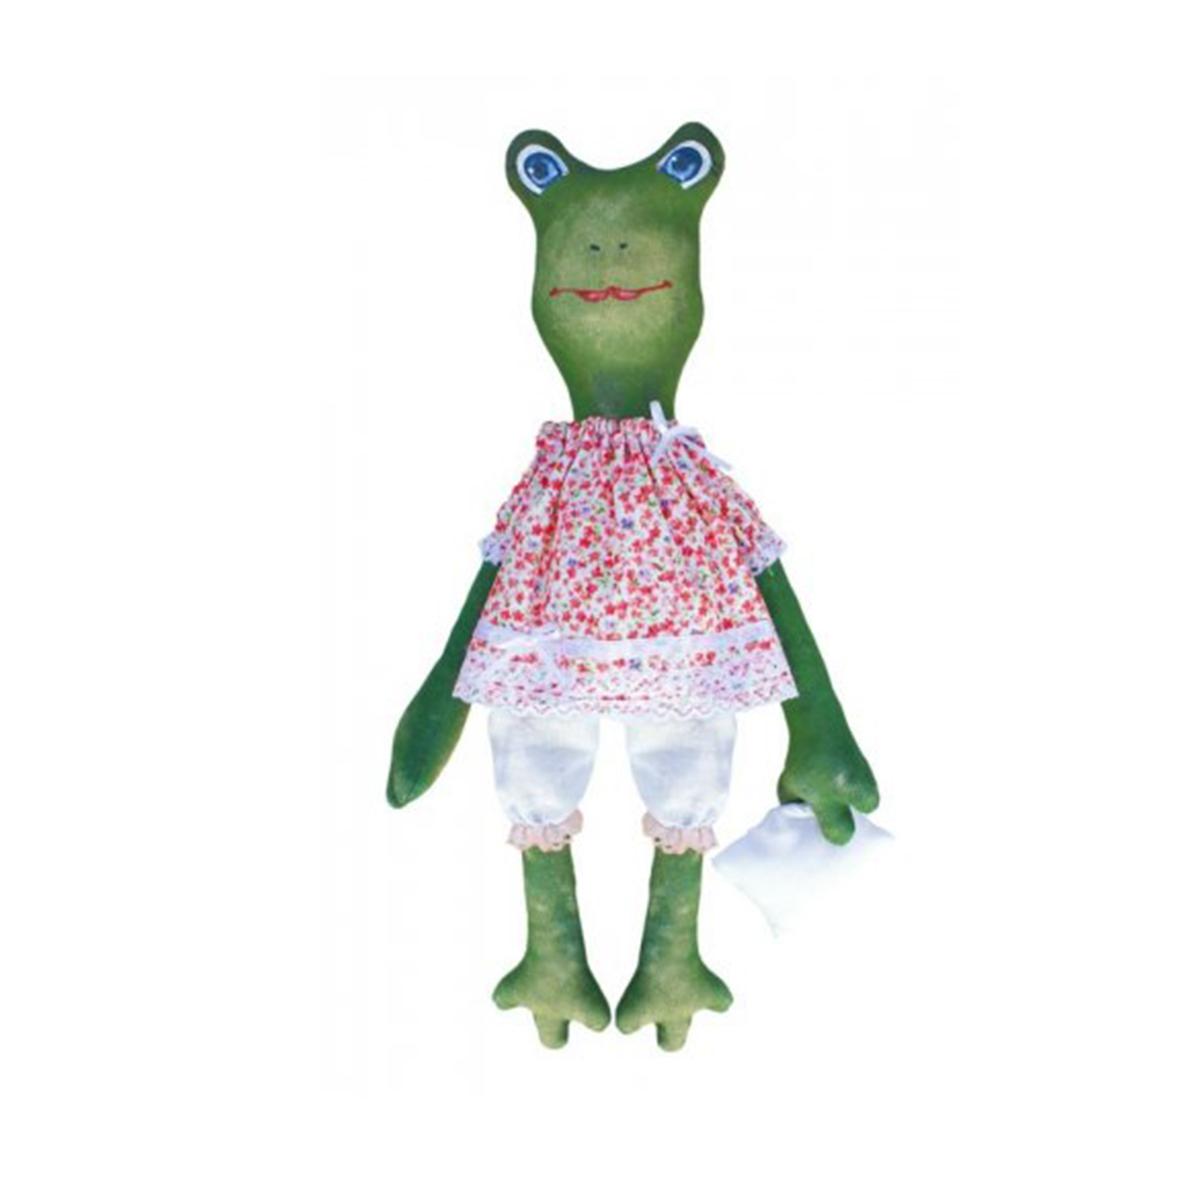 Набор для изготовления игрушки Артмикс Хлоя, высота 44 см. AM100021 набор для изготовления текстильной игрушки артмикс мишка папа высота 25 см